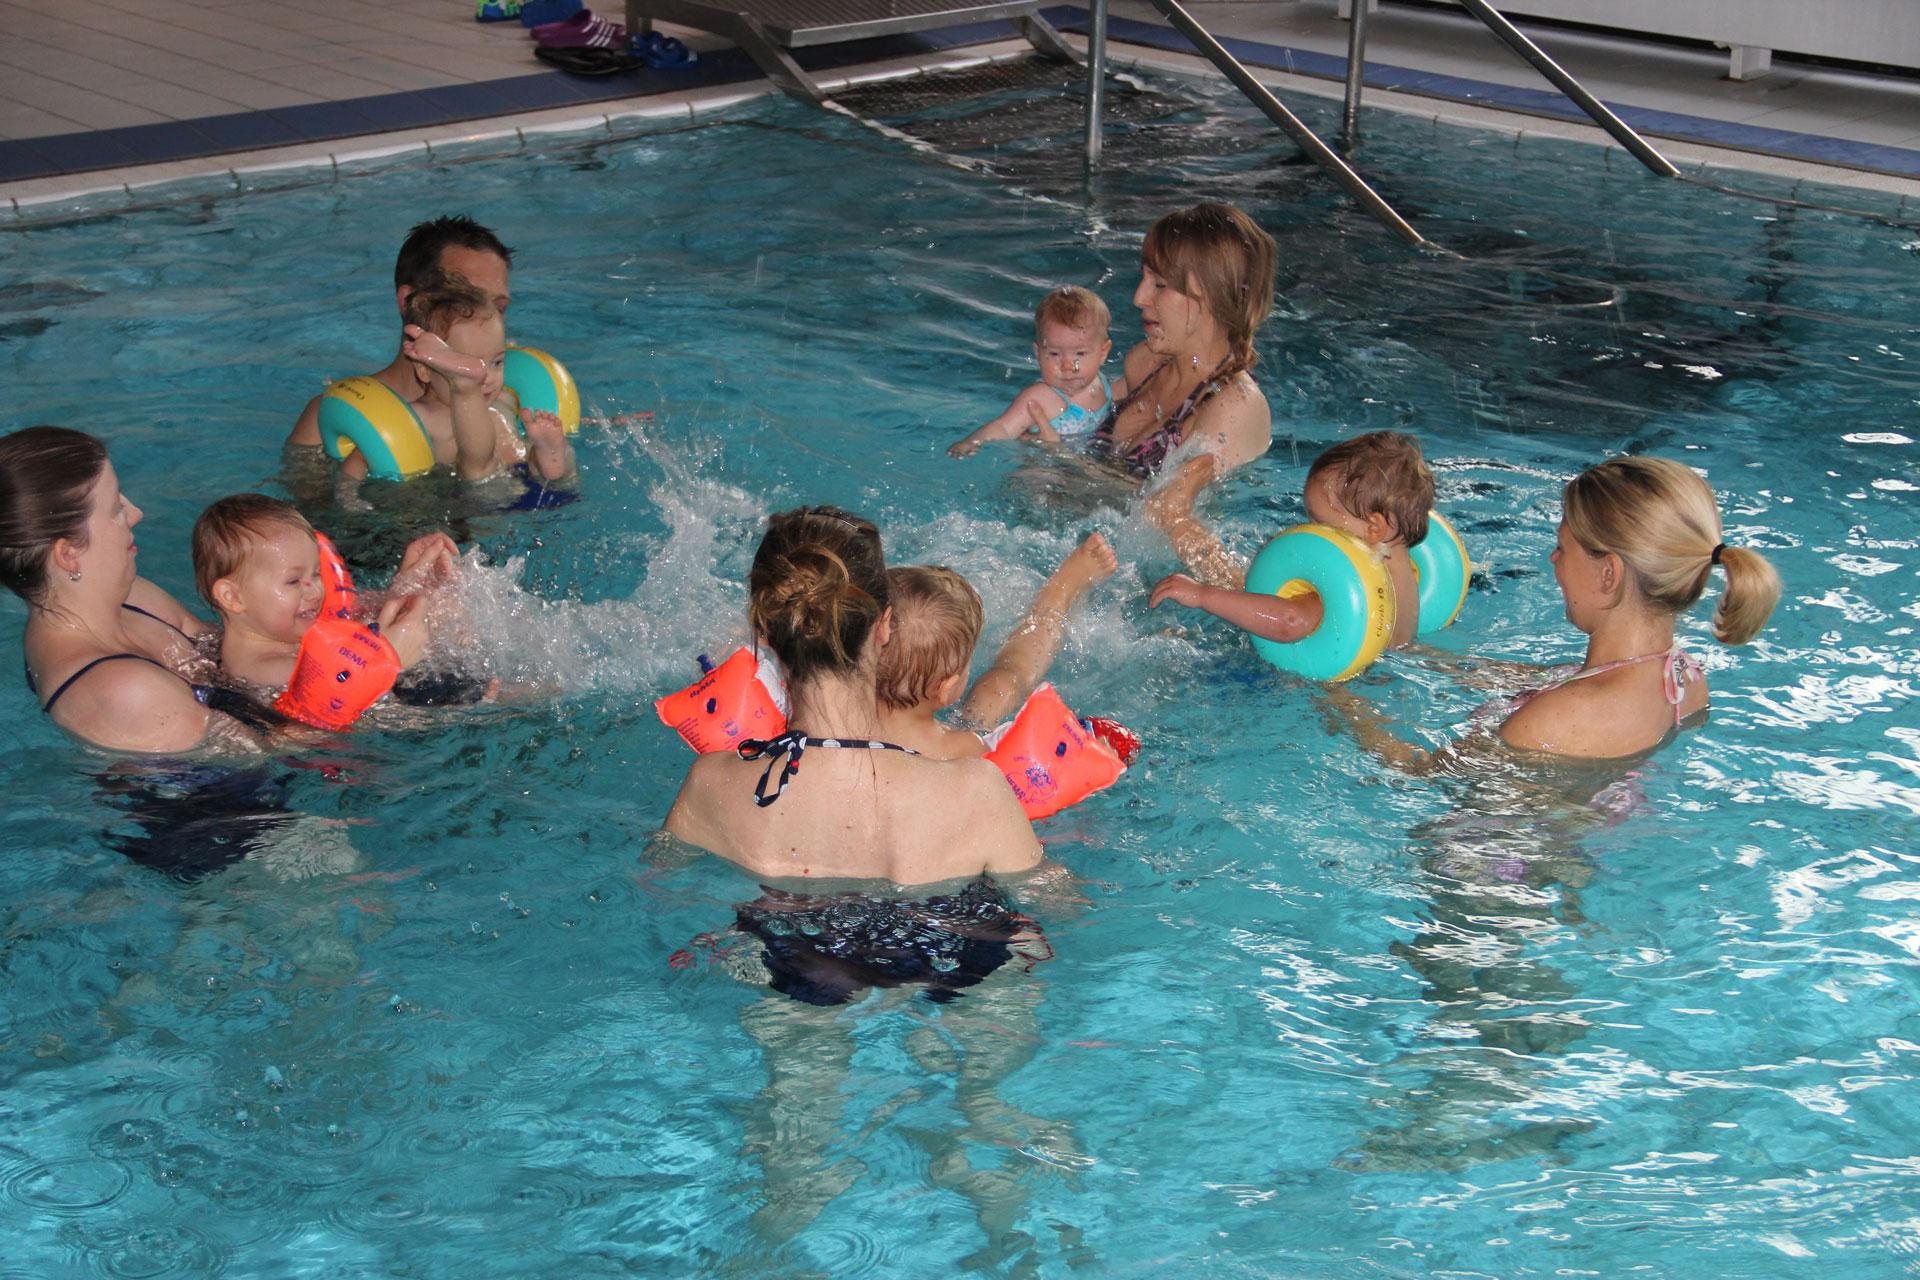 Schwimmkurse Mönchengladbach, Babyschwimmen Mönchengladbach